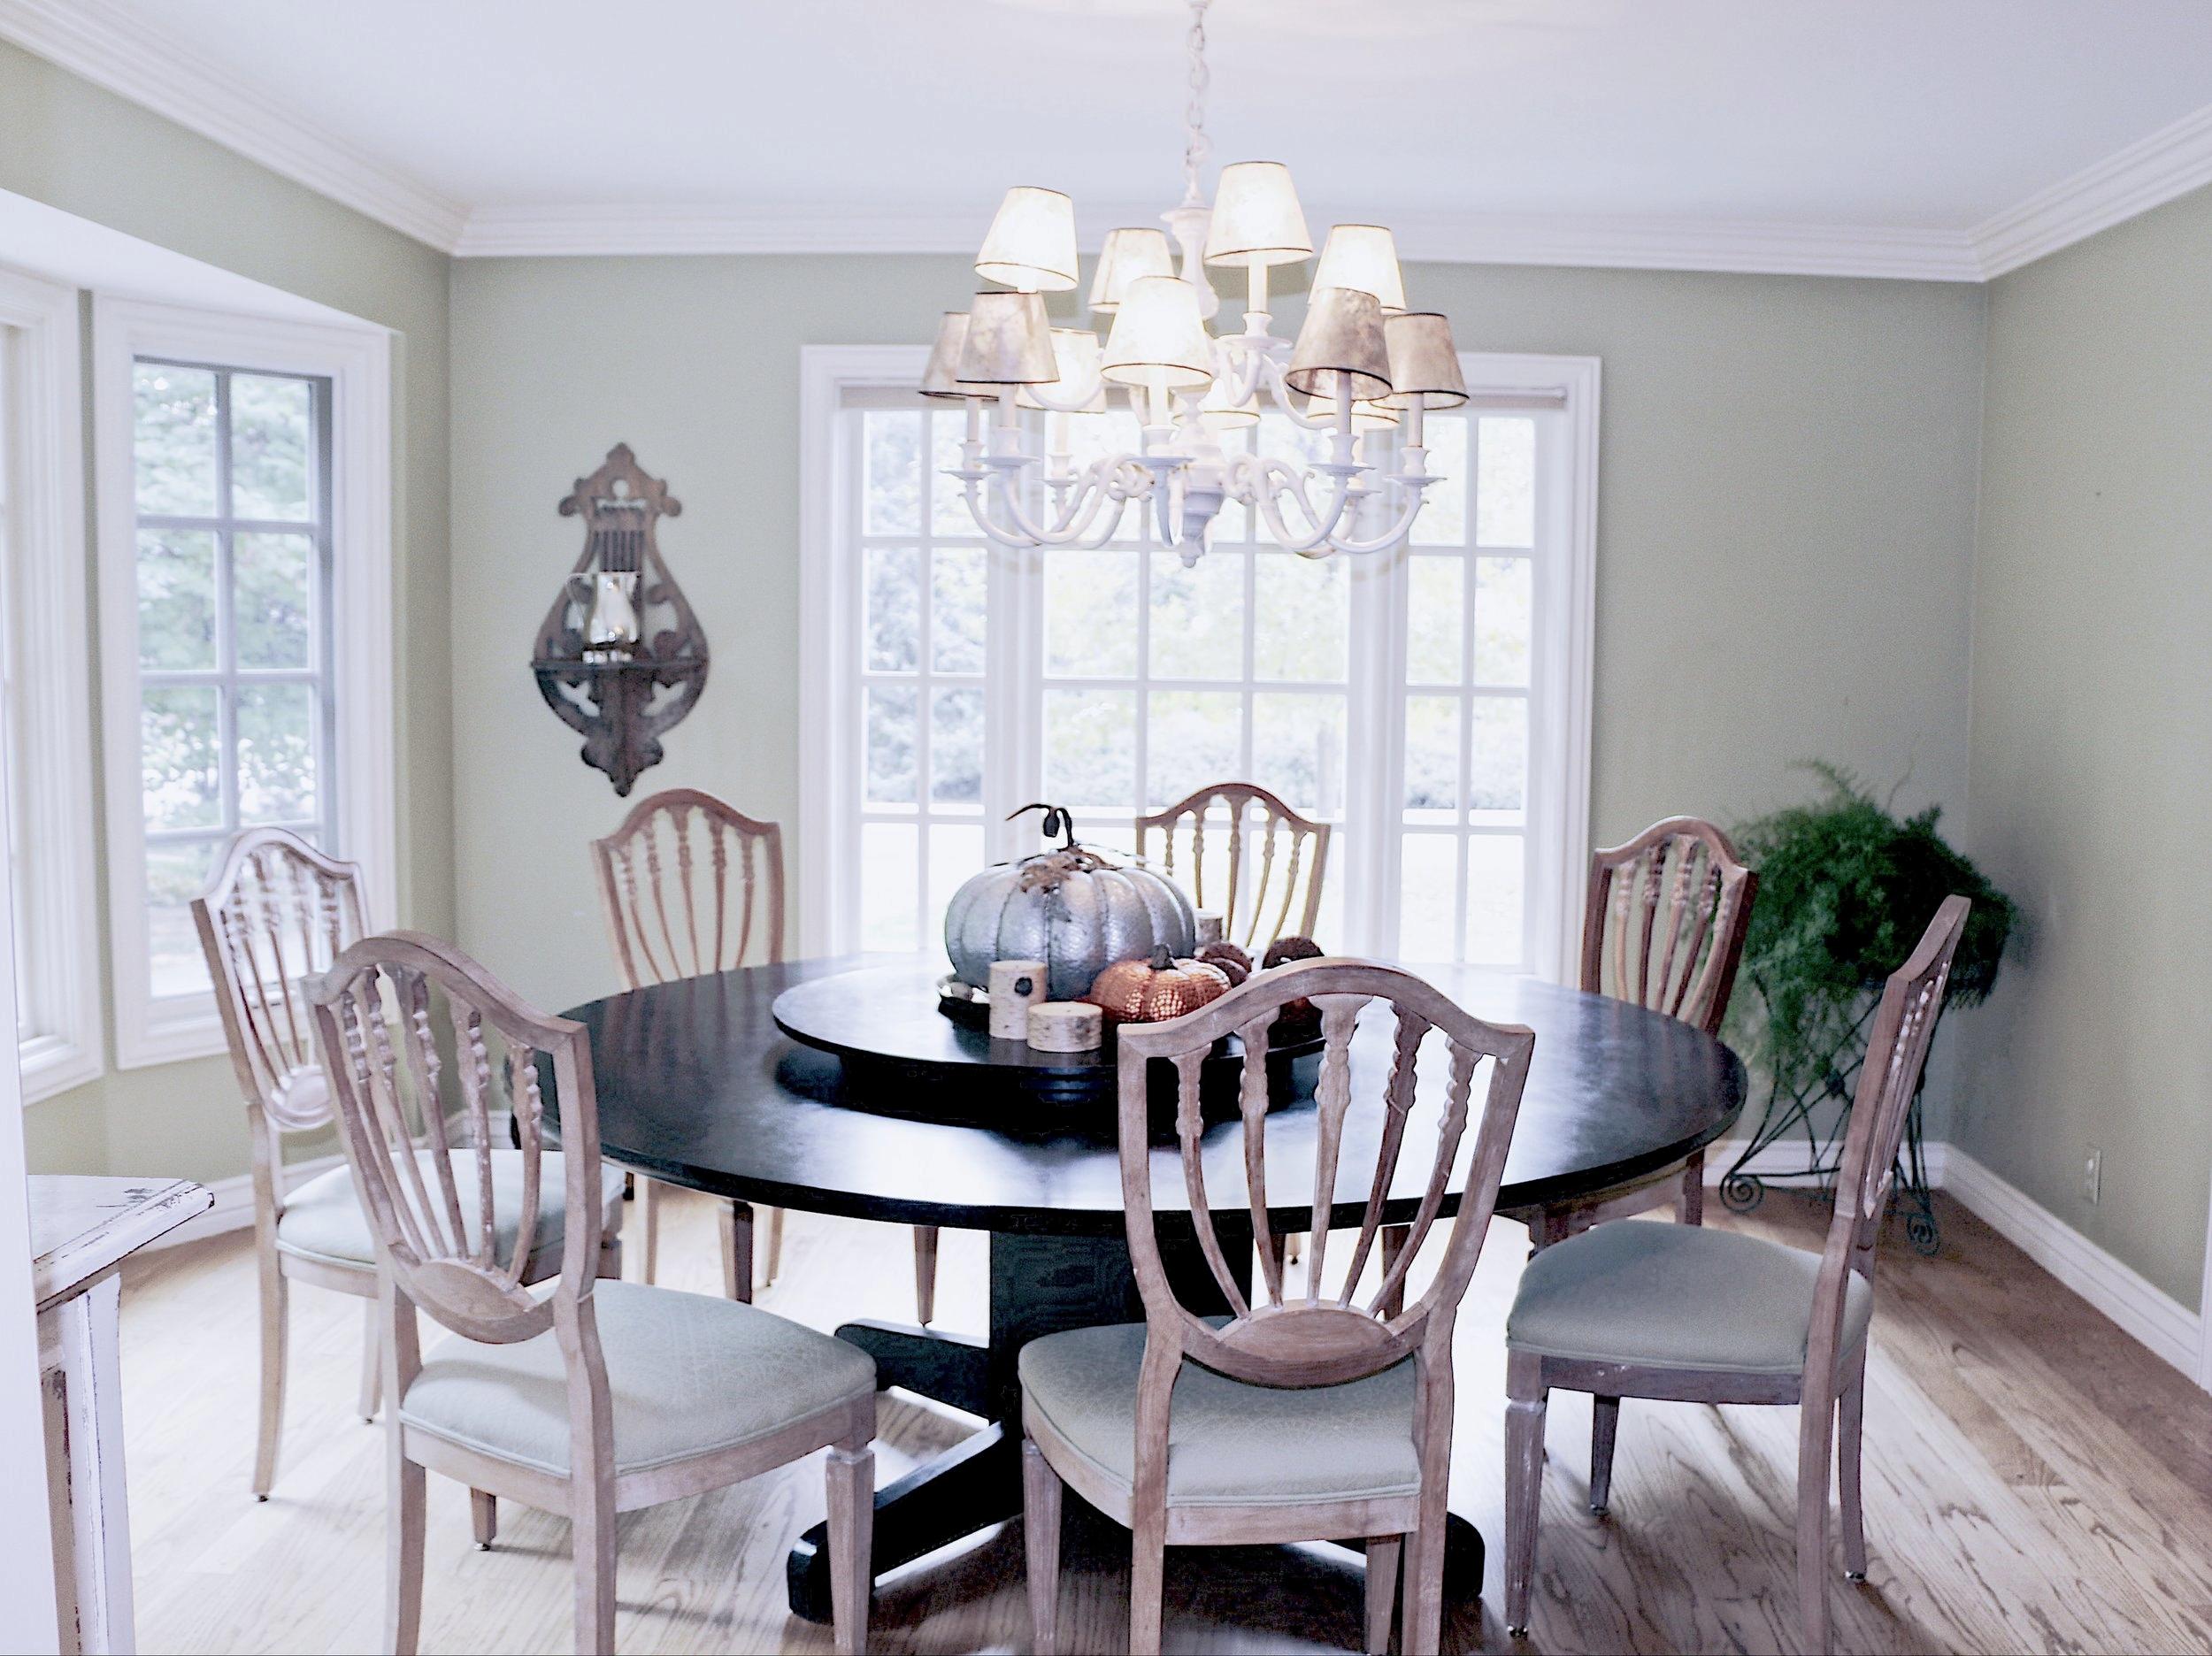 ajoyfulnoise-marriott-diningroom.jpg